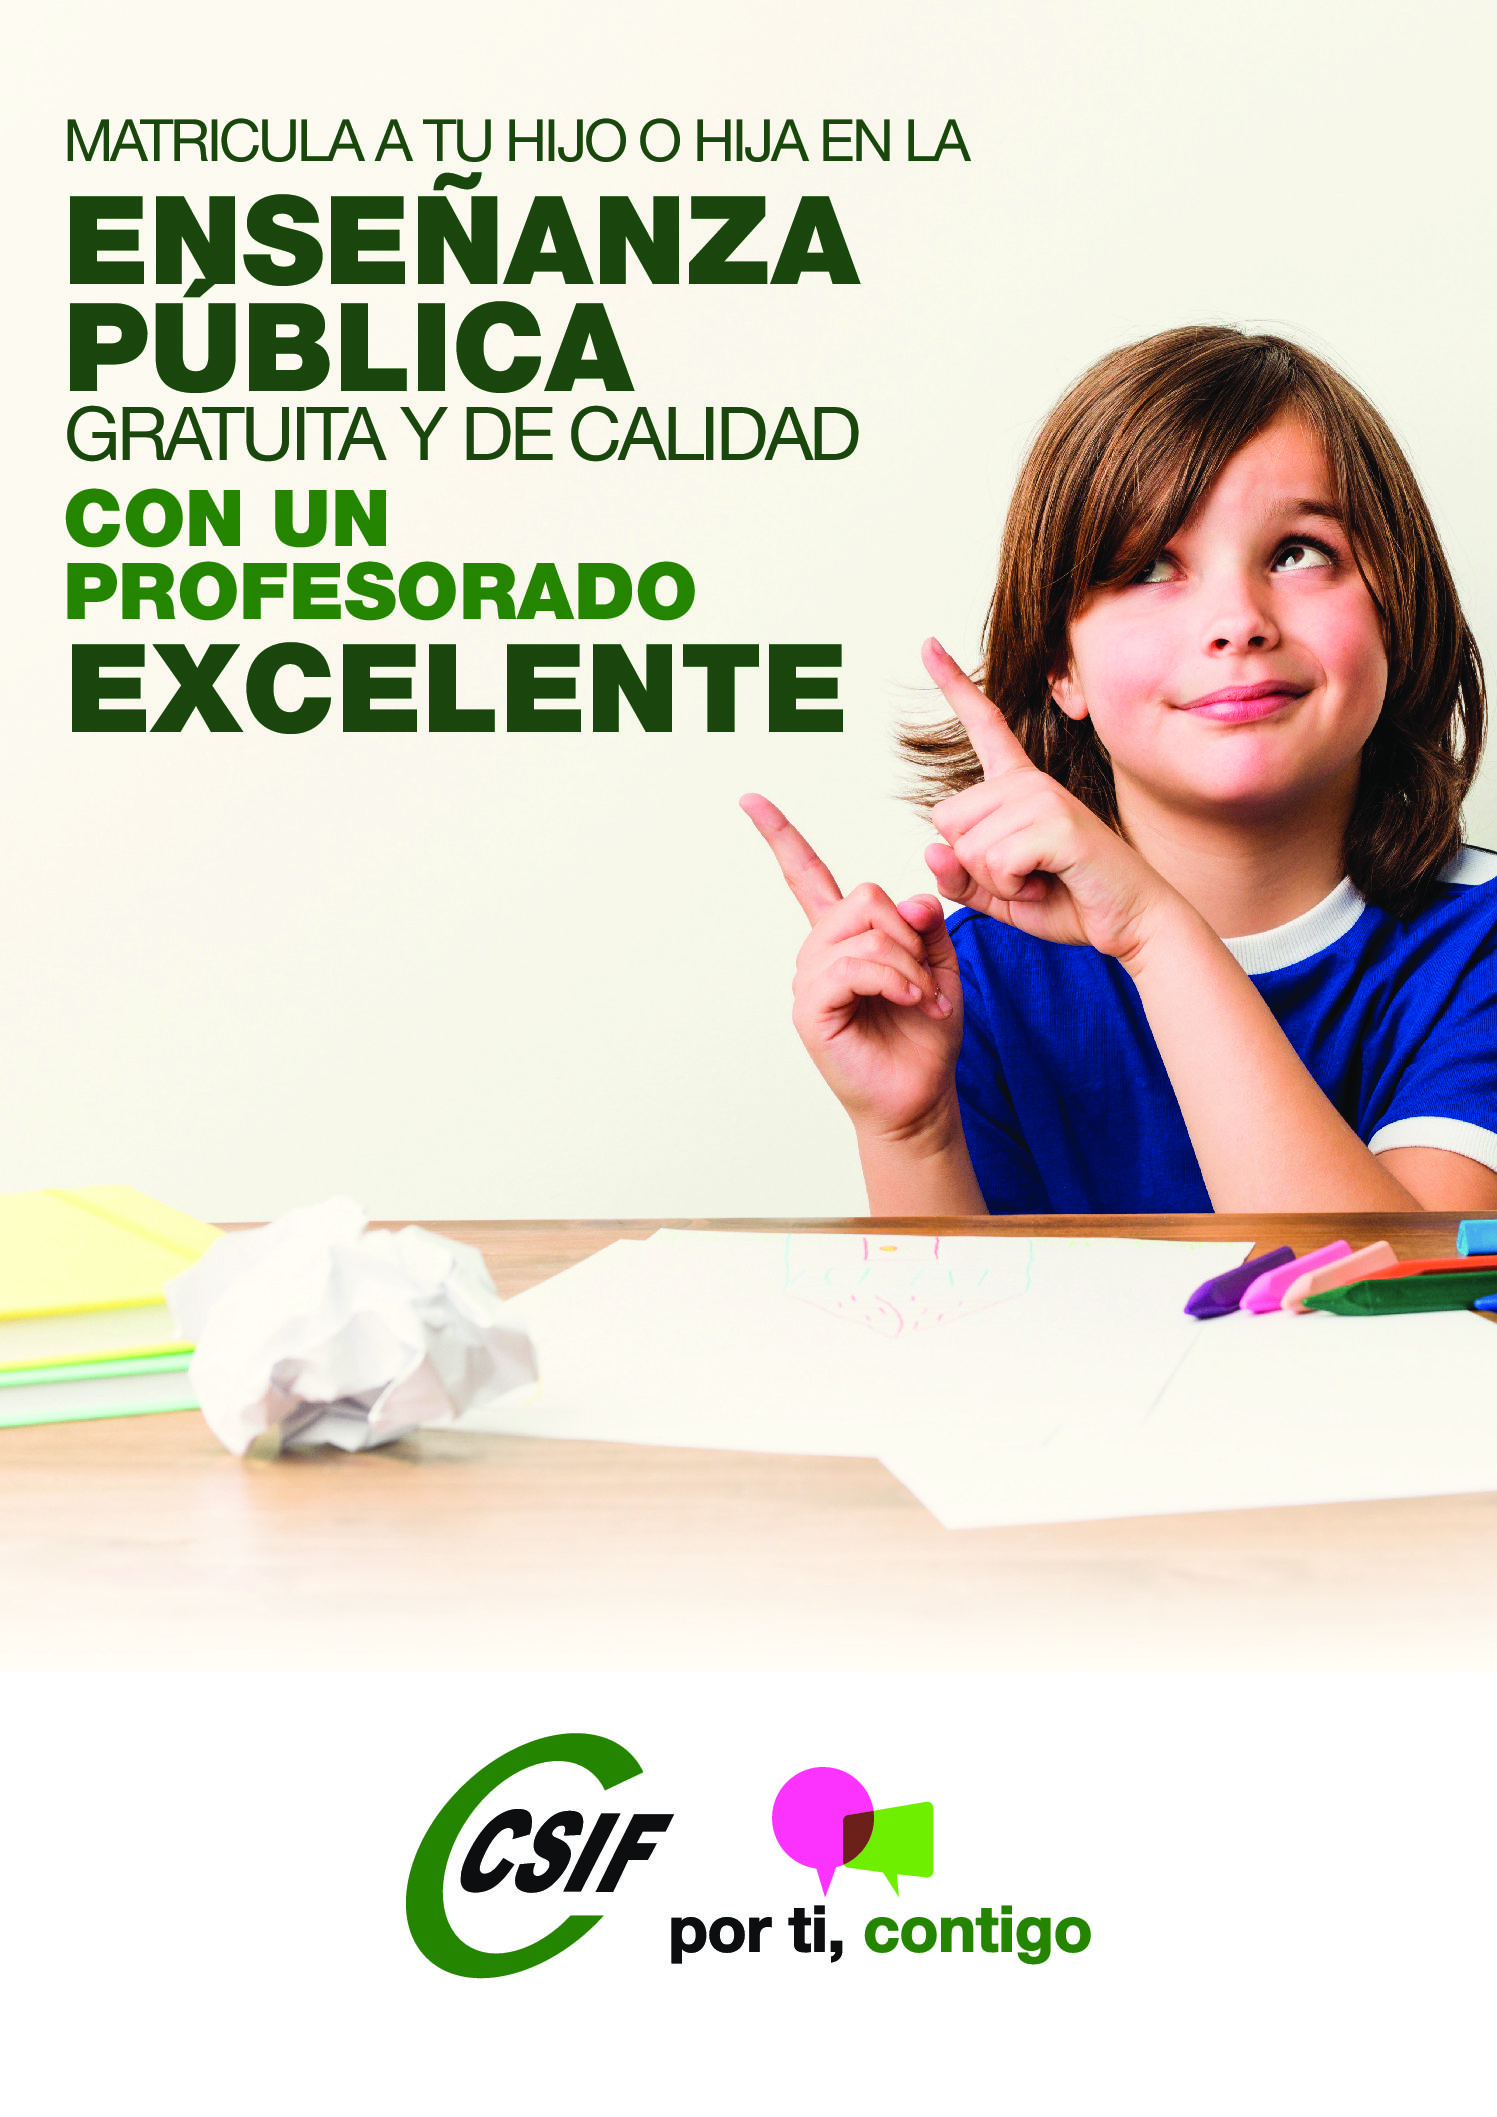 CSIF anima a escolarizar en la red de centros educativos públicos a través de una campaña